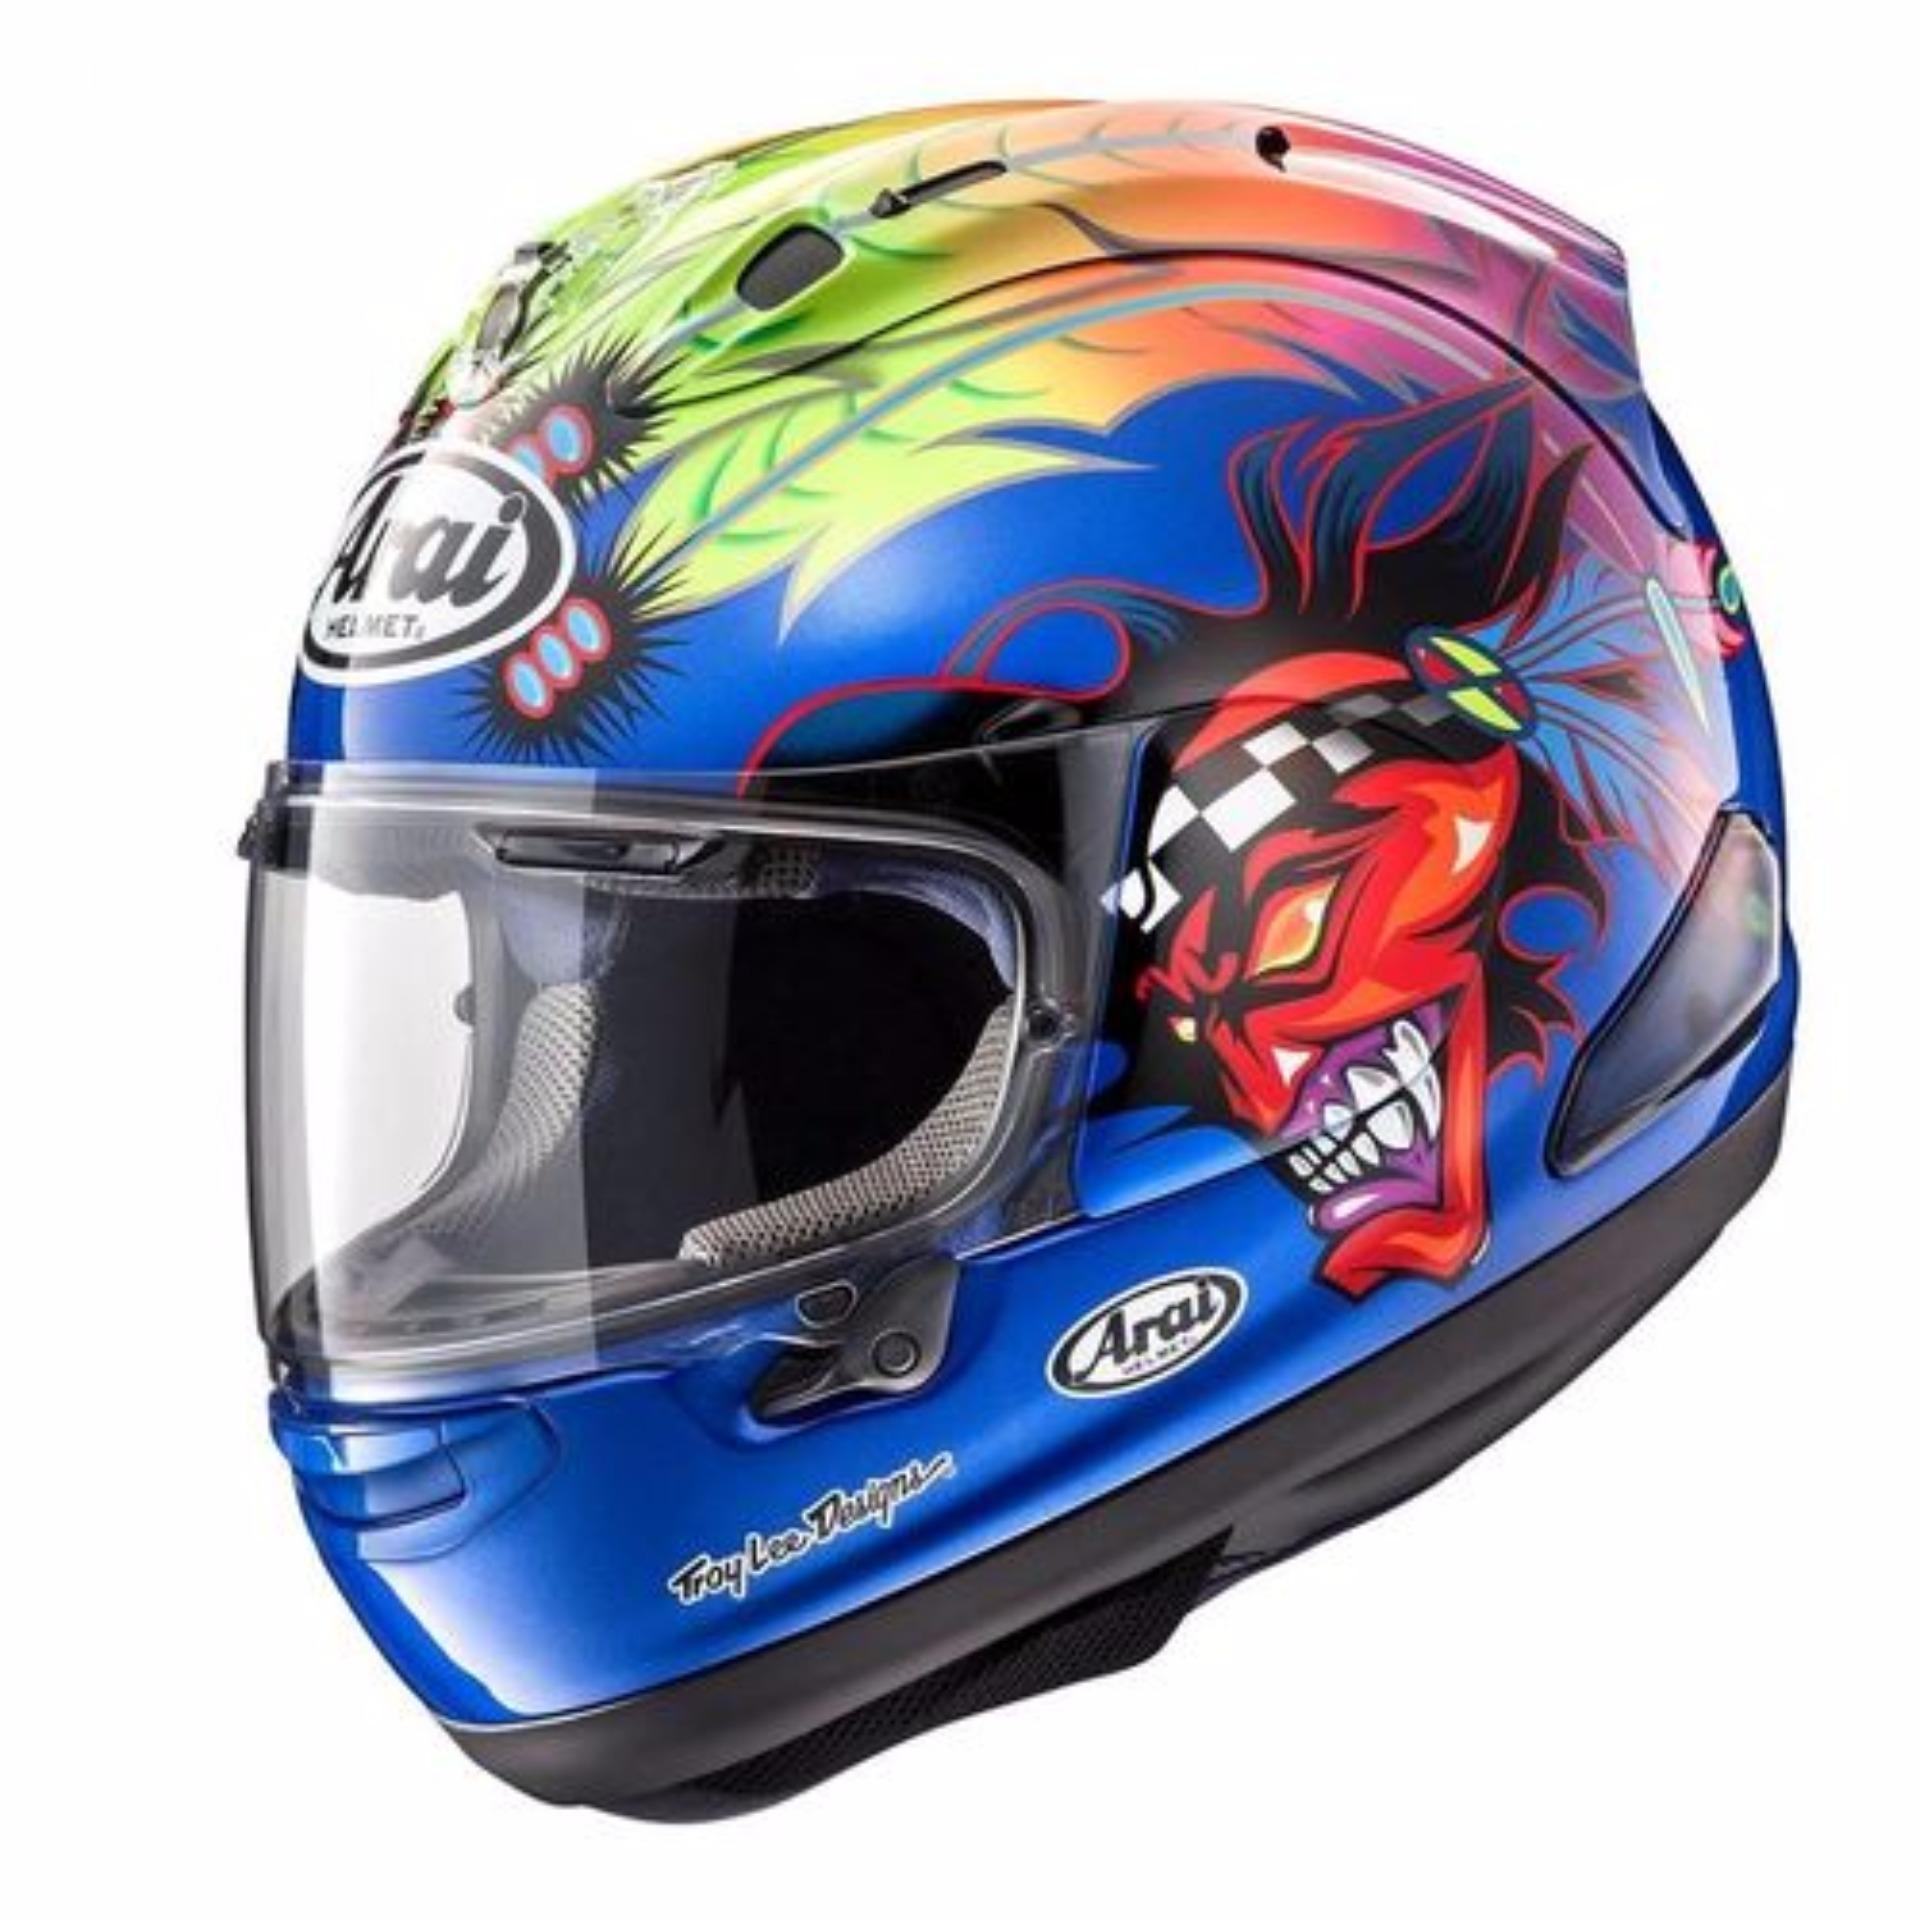 Jual masker motor full face Murah dan Terlengkap   Bukalapak -. Source · ARAI RX